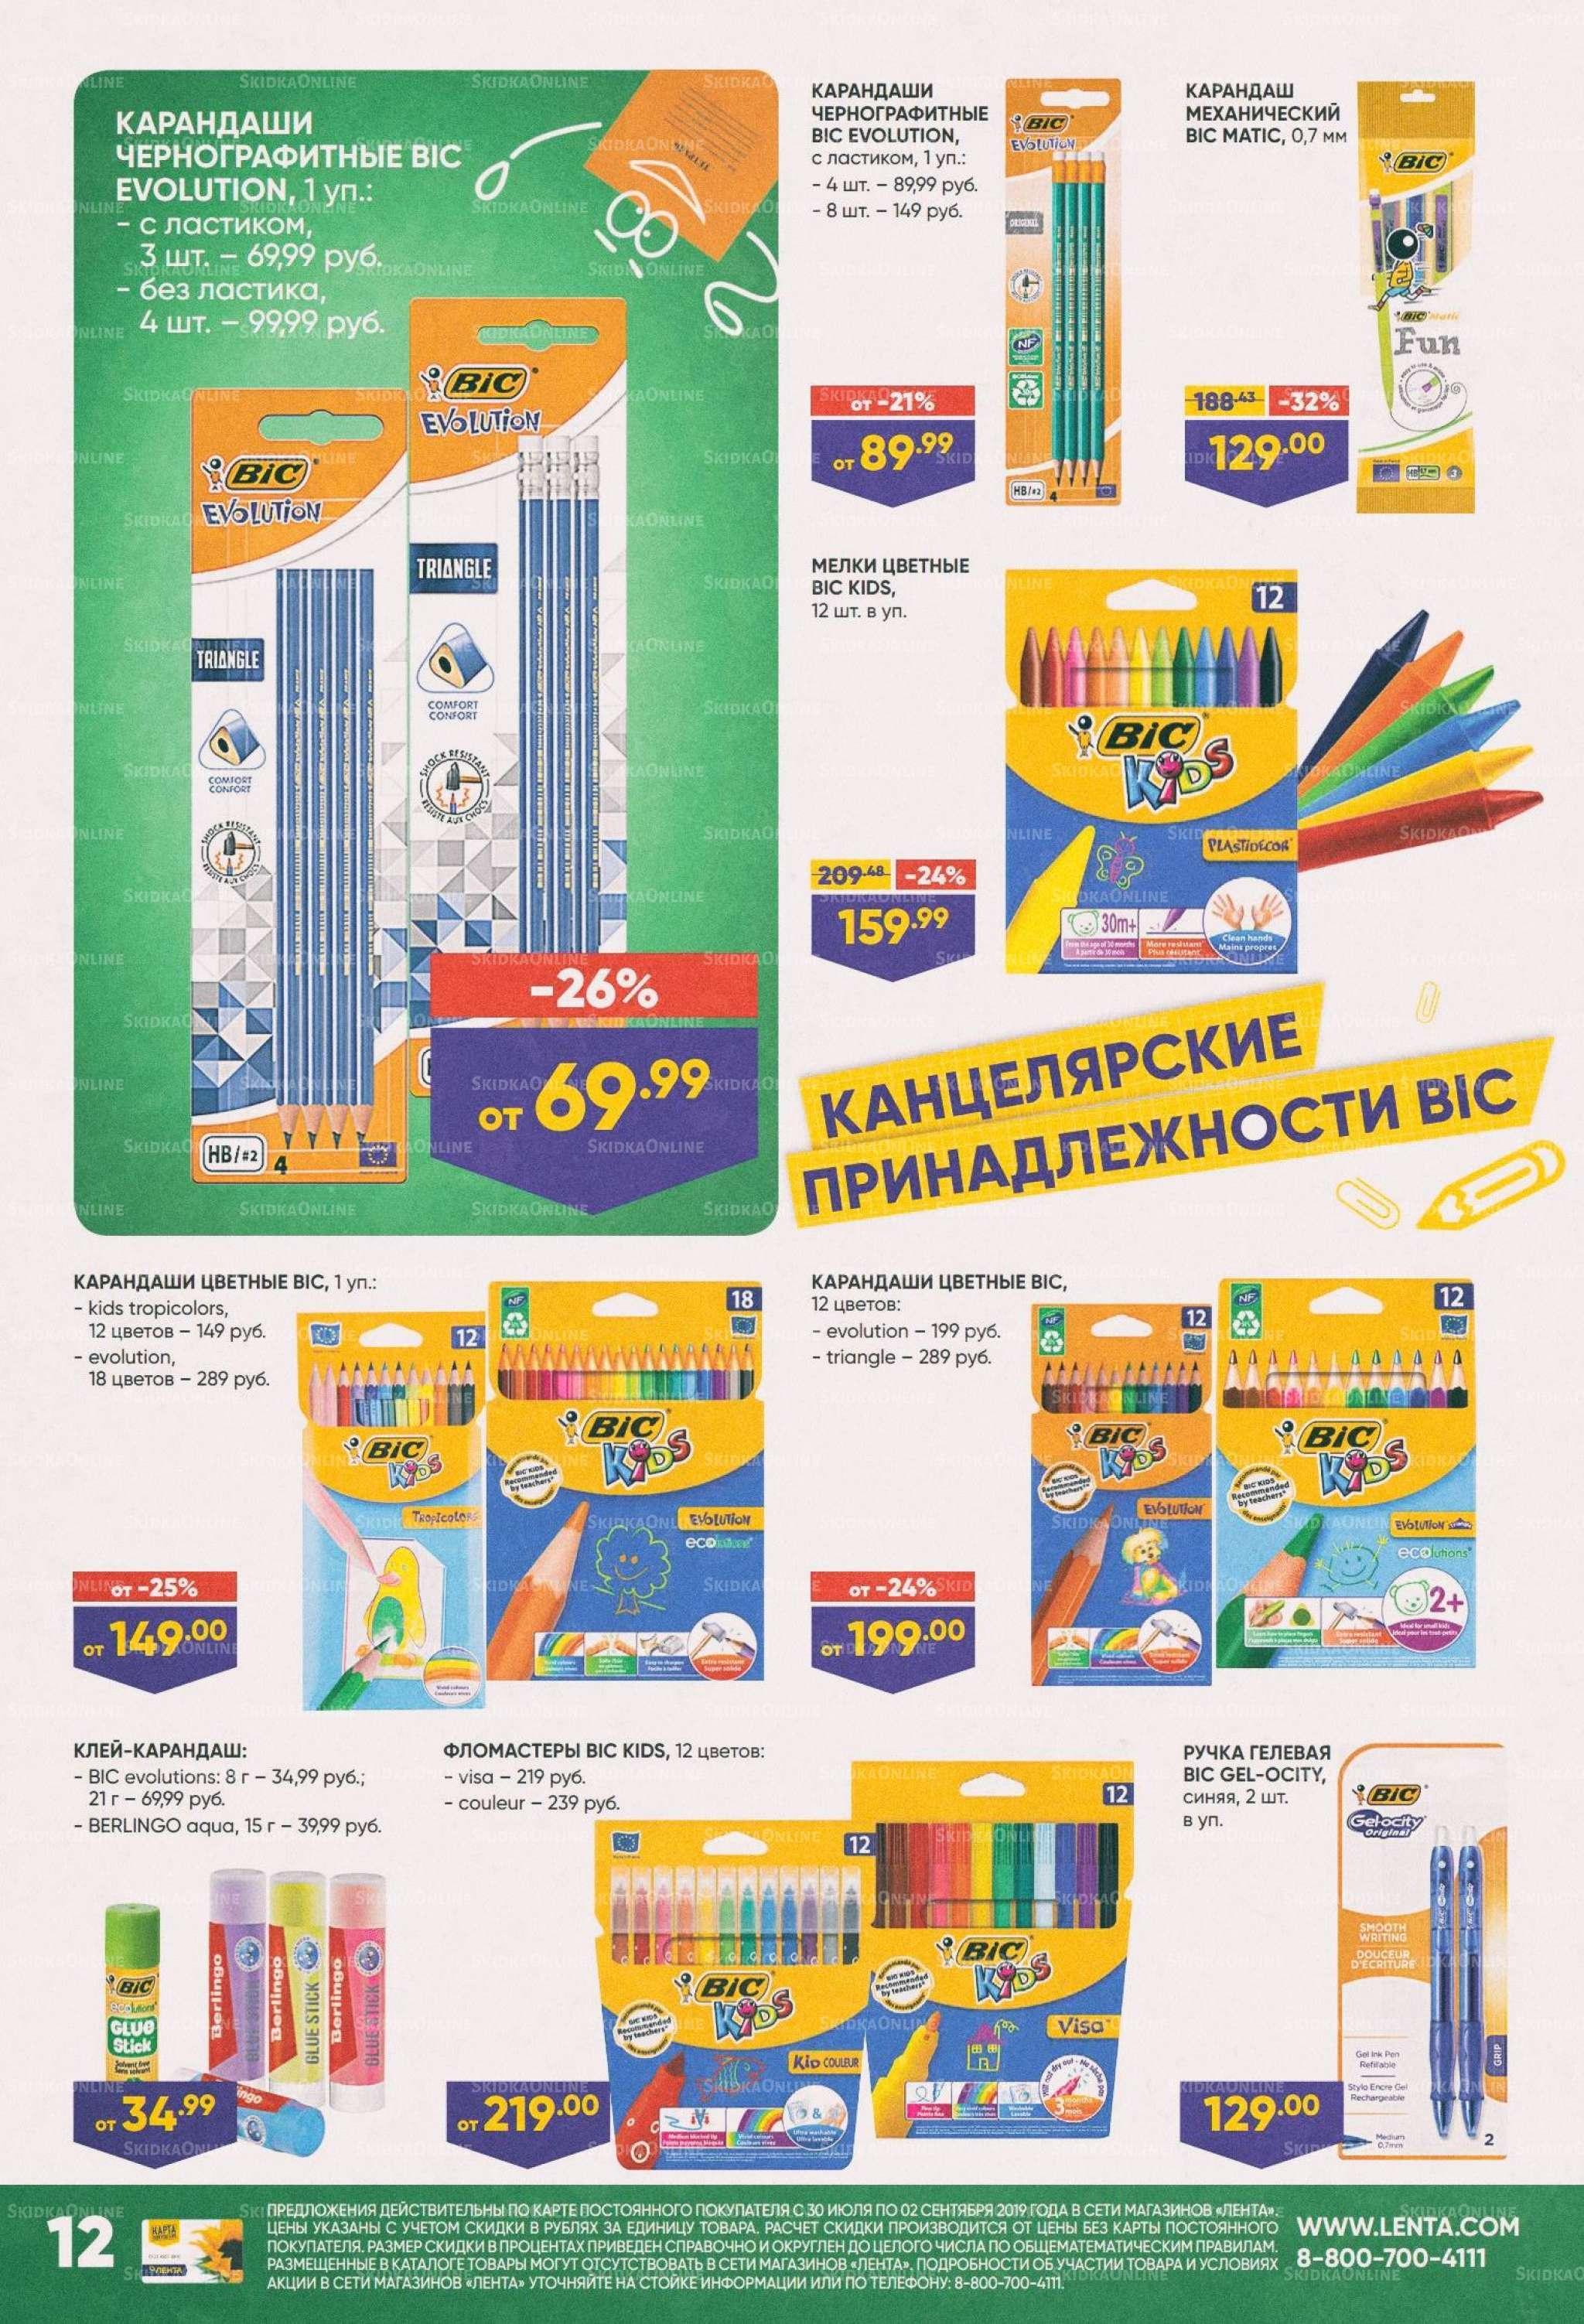 Акции в Ленте на школьные товары с 30 июля по 2 сентября 2019 года